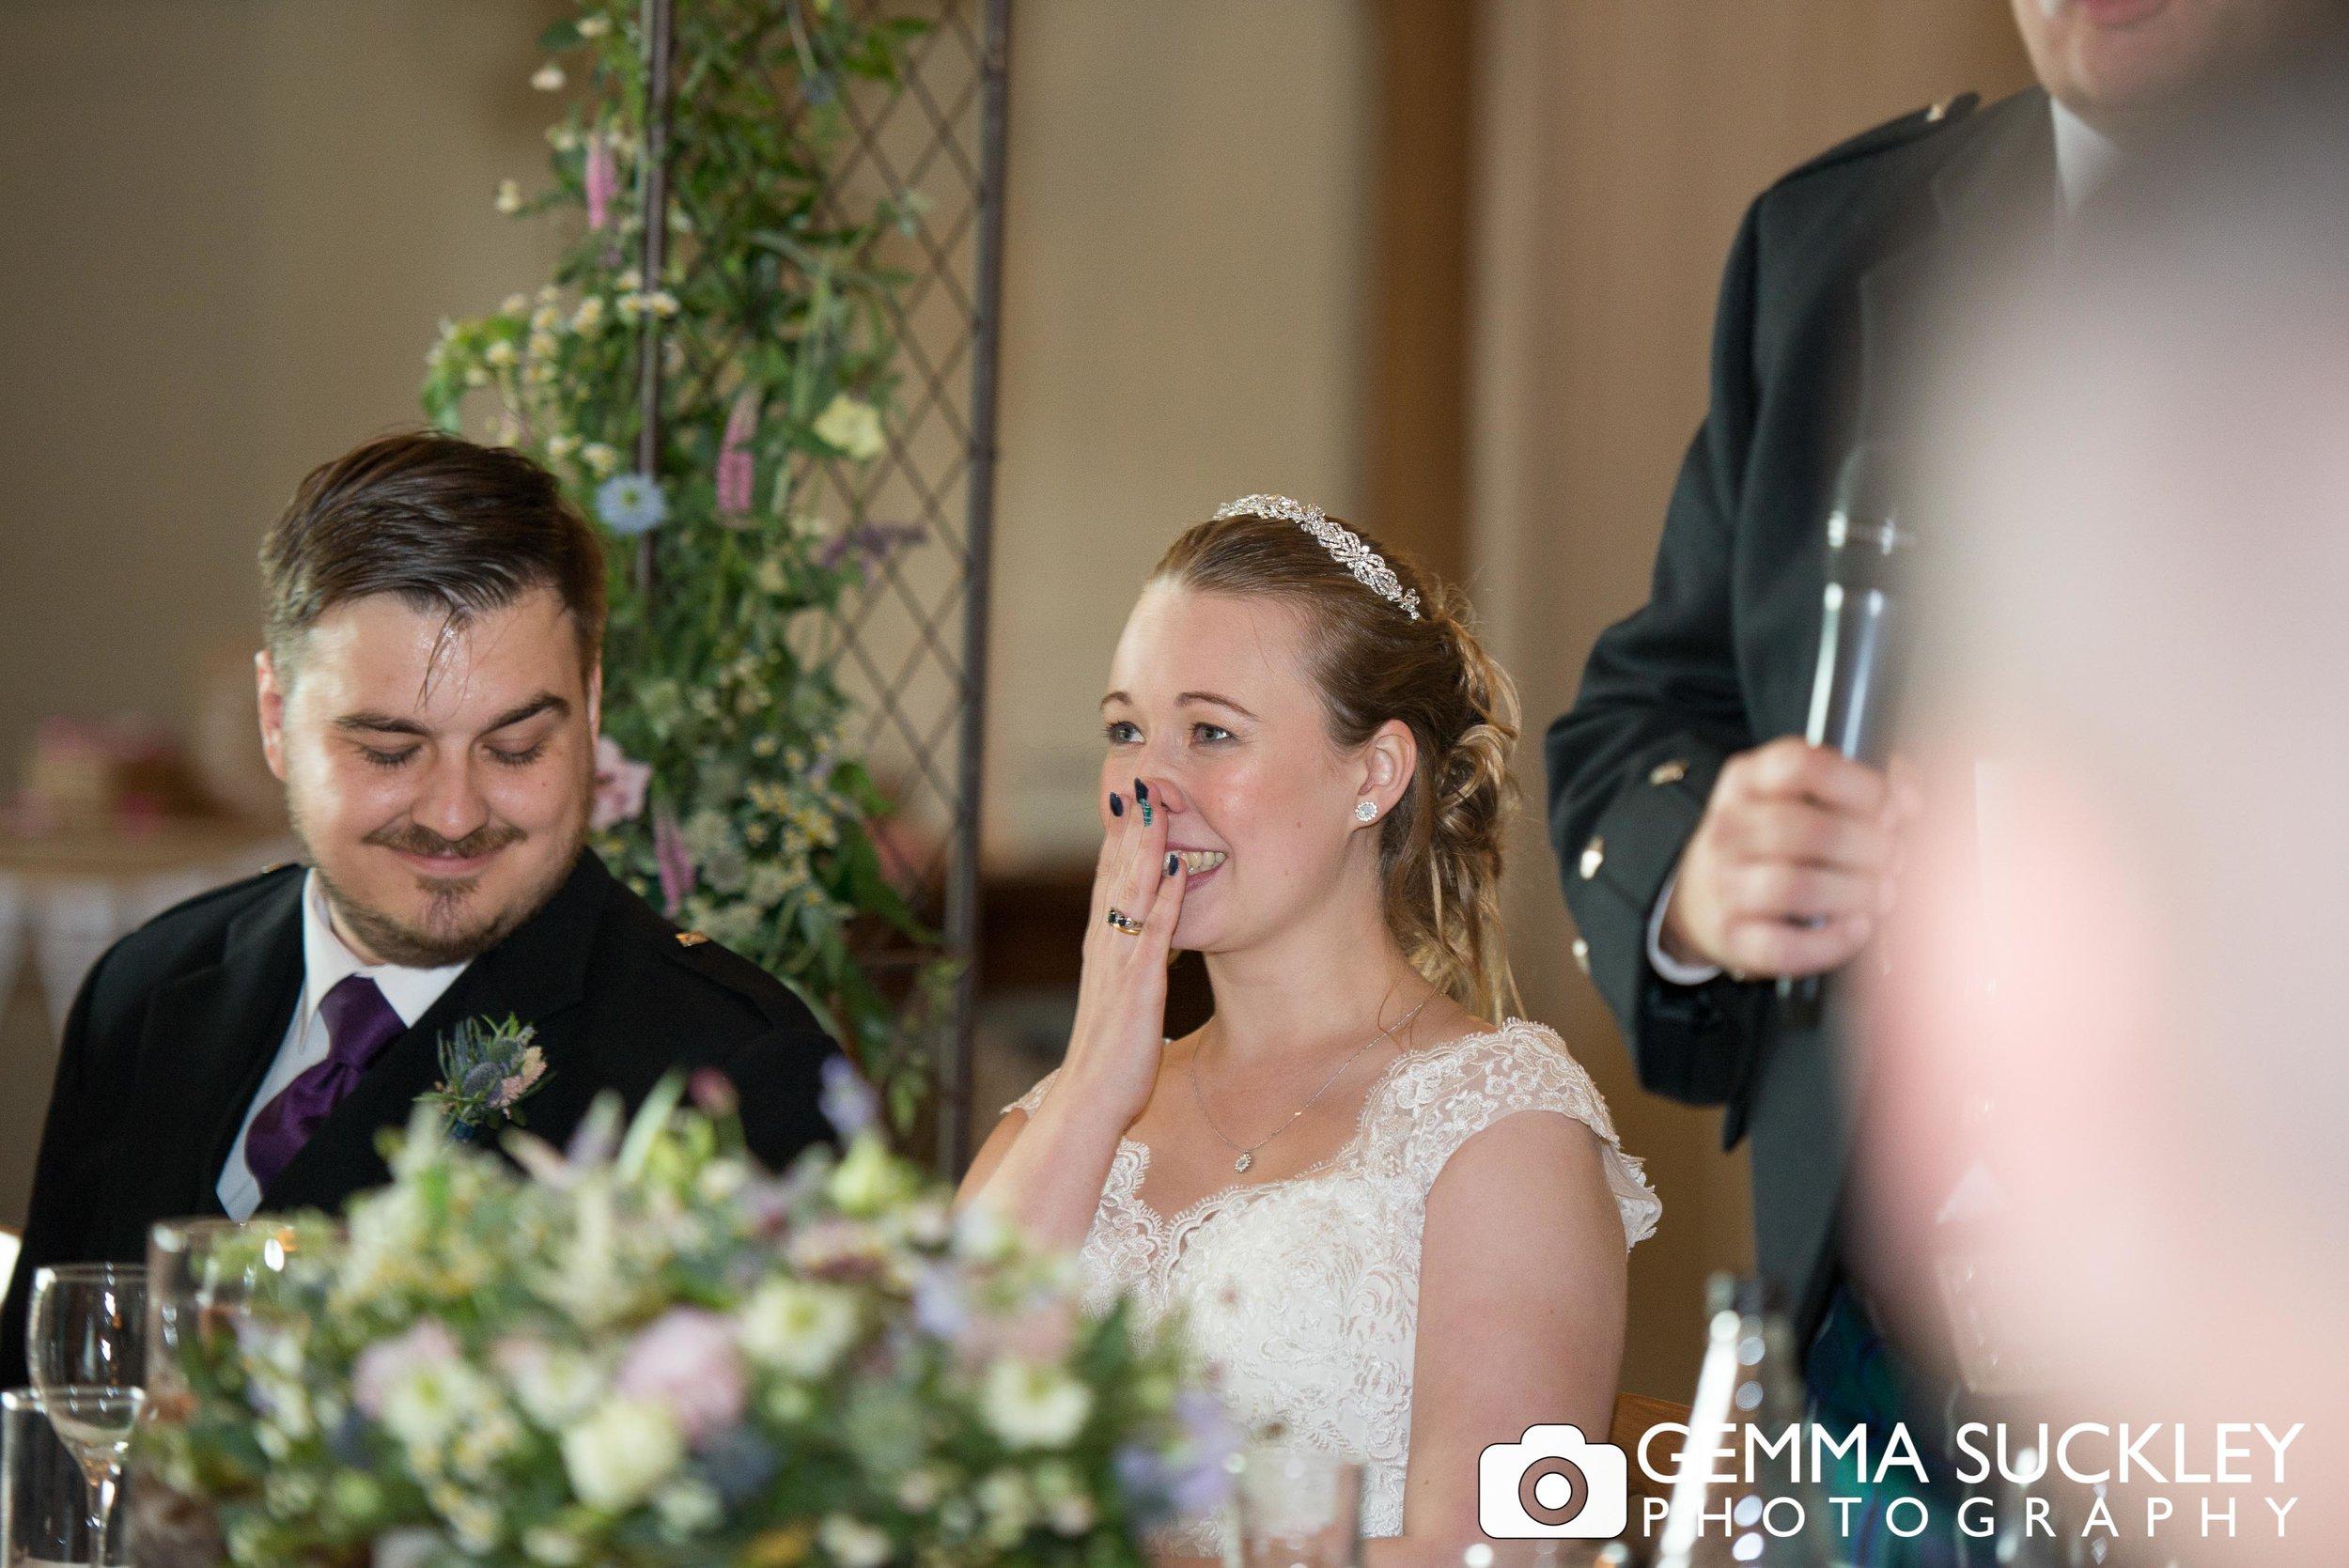 East-riddlesden-hall-wedding-speeches.jpg